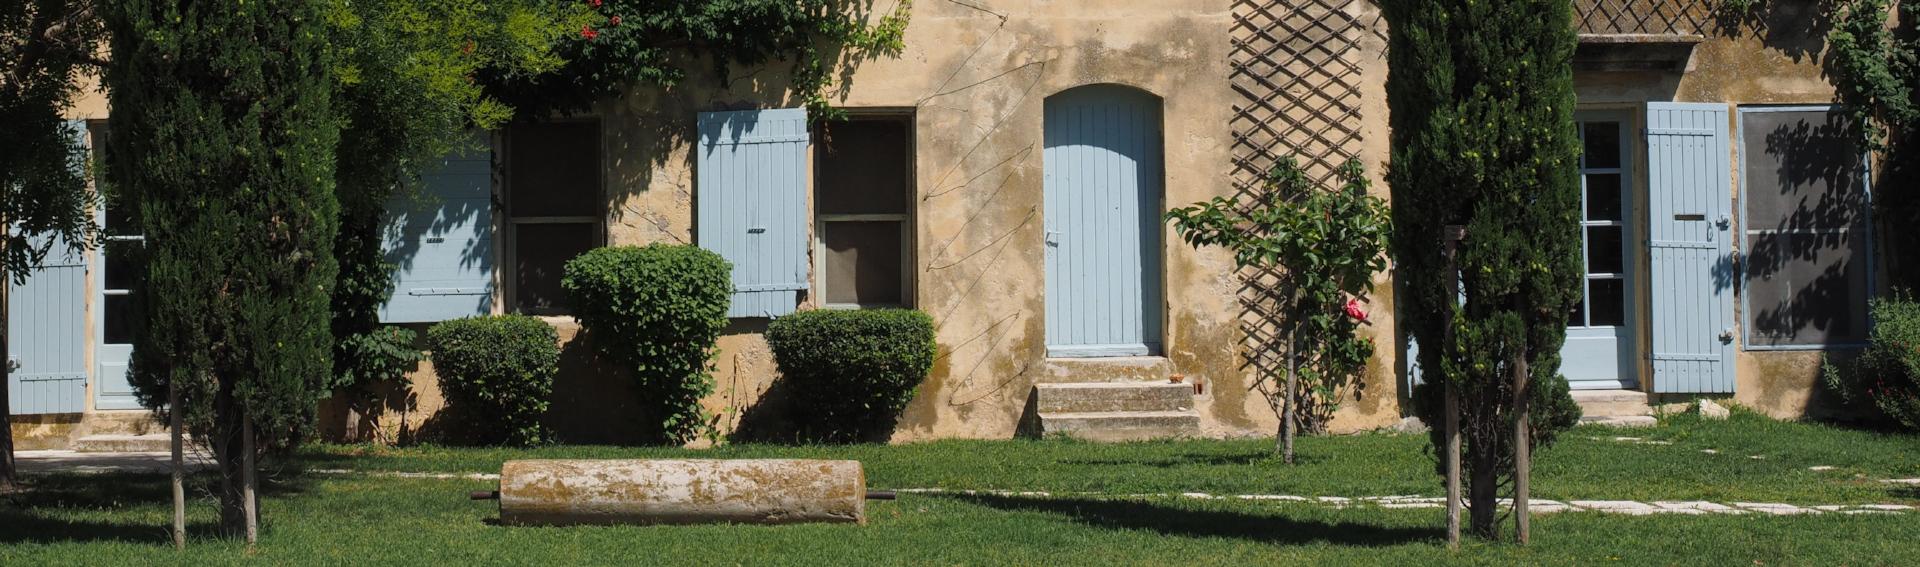 Prodaja kvalitetnih nekretnina u Istri